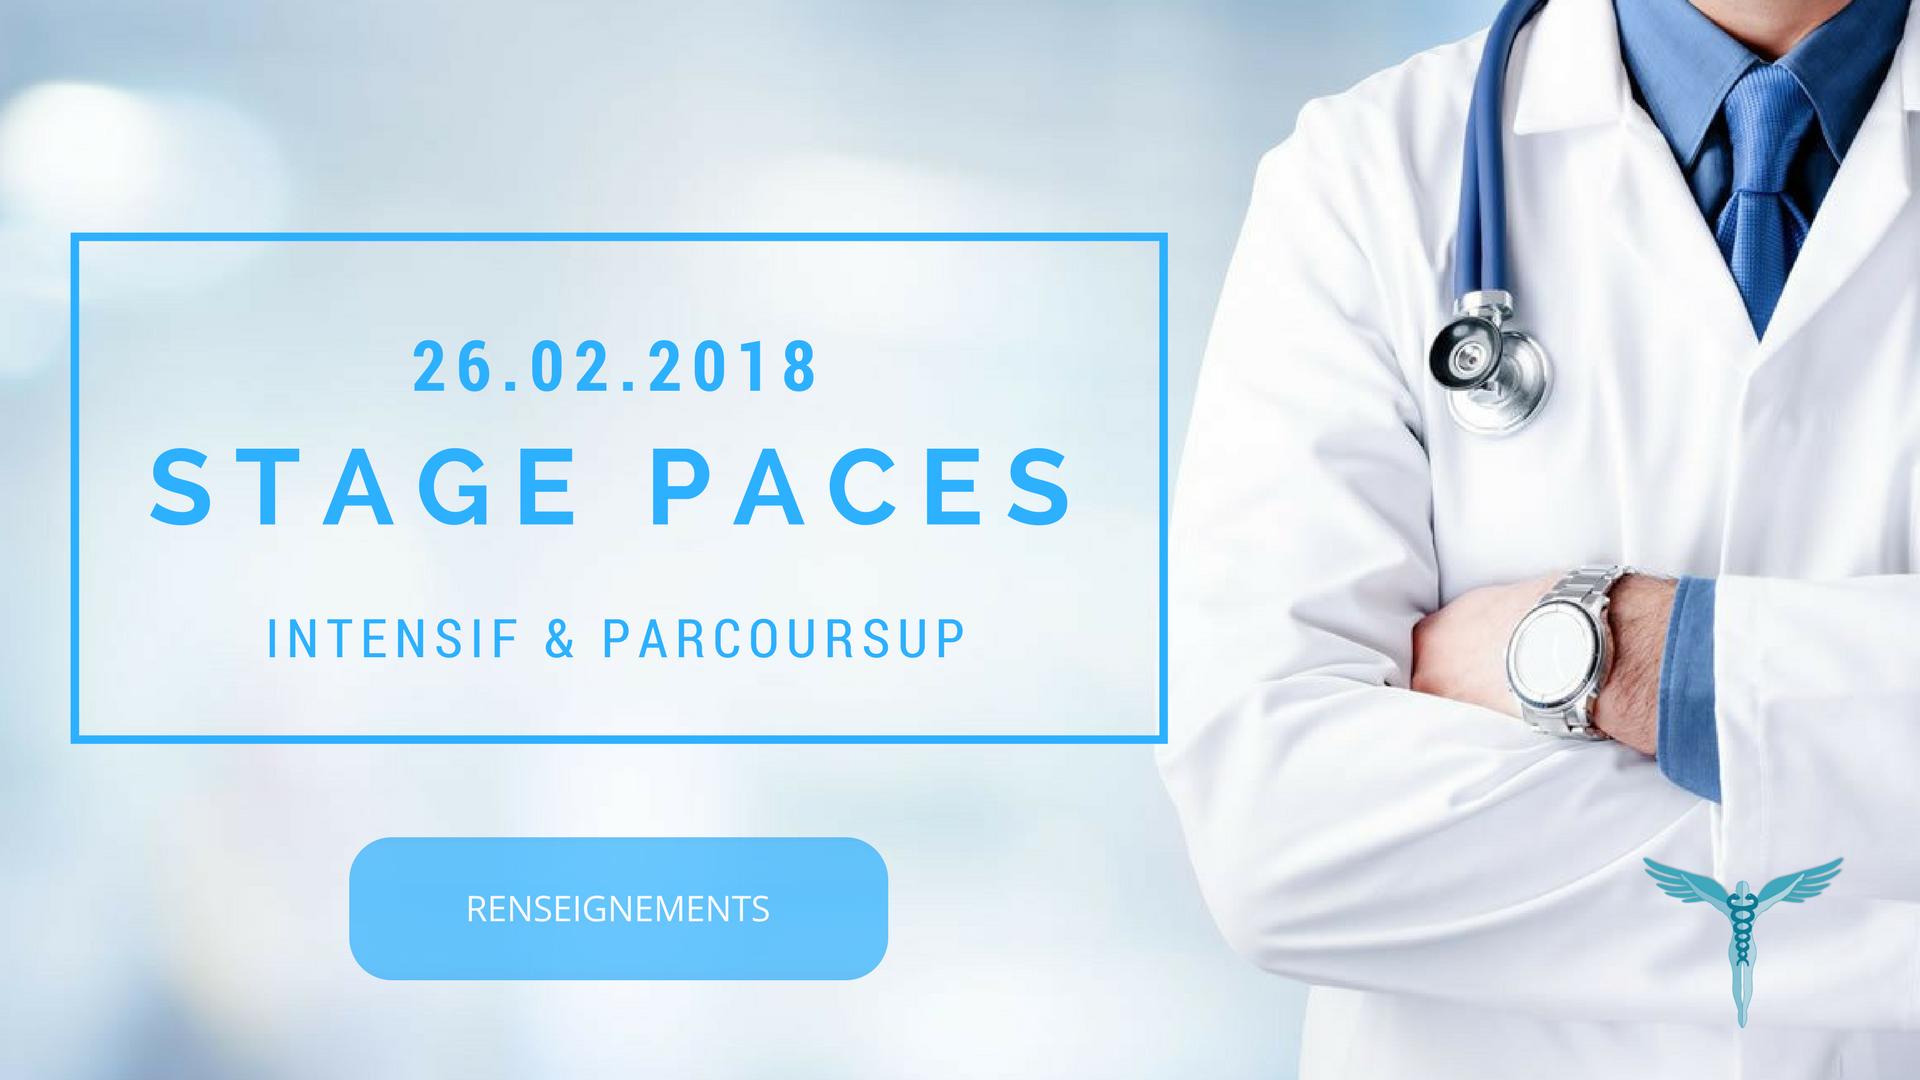 Parcoursup 10 Conseils Objectif Medecine Projet Primant Paces